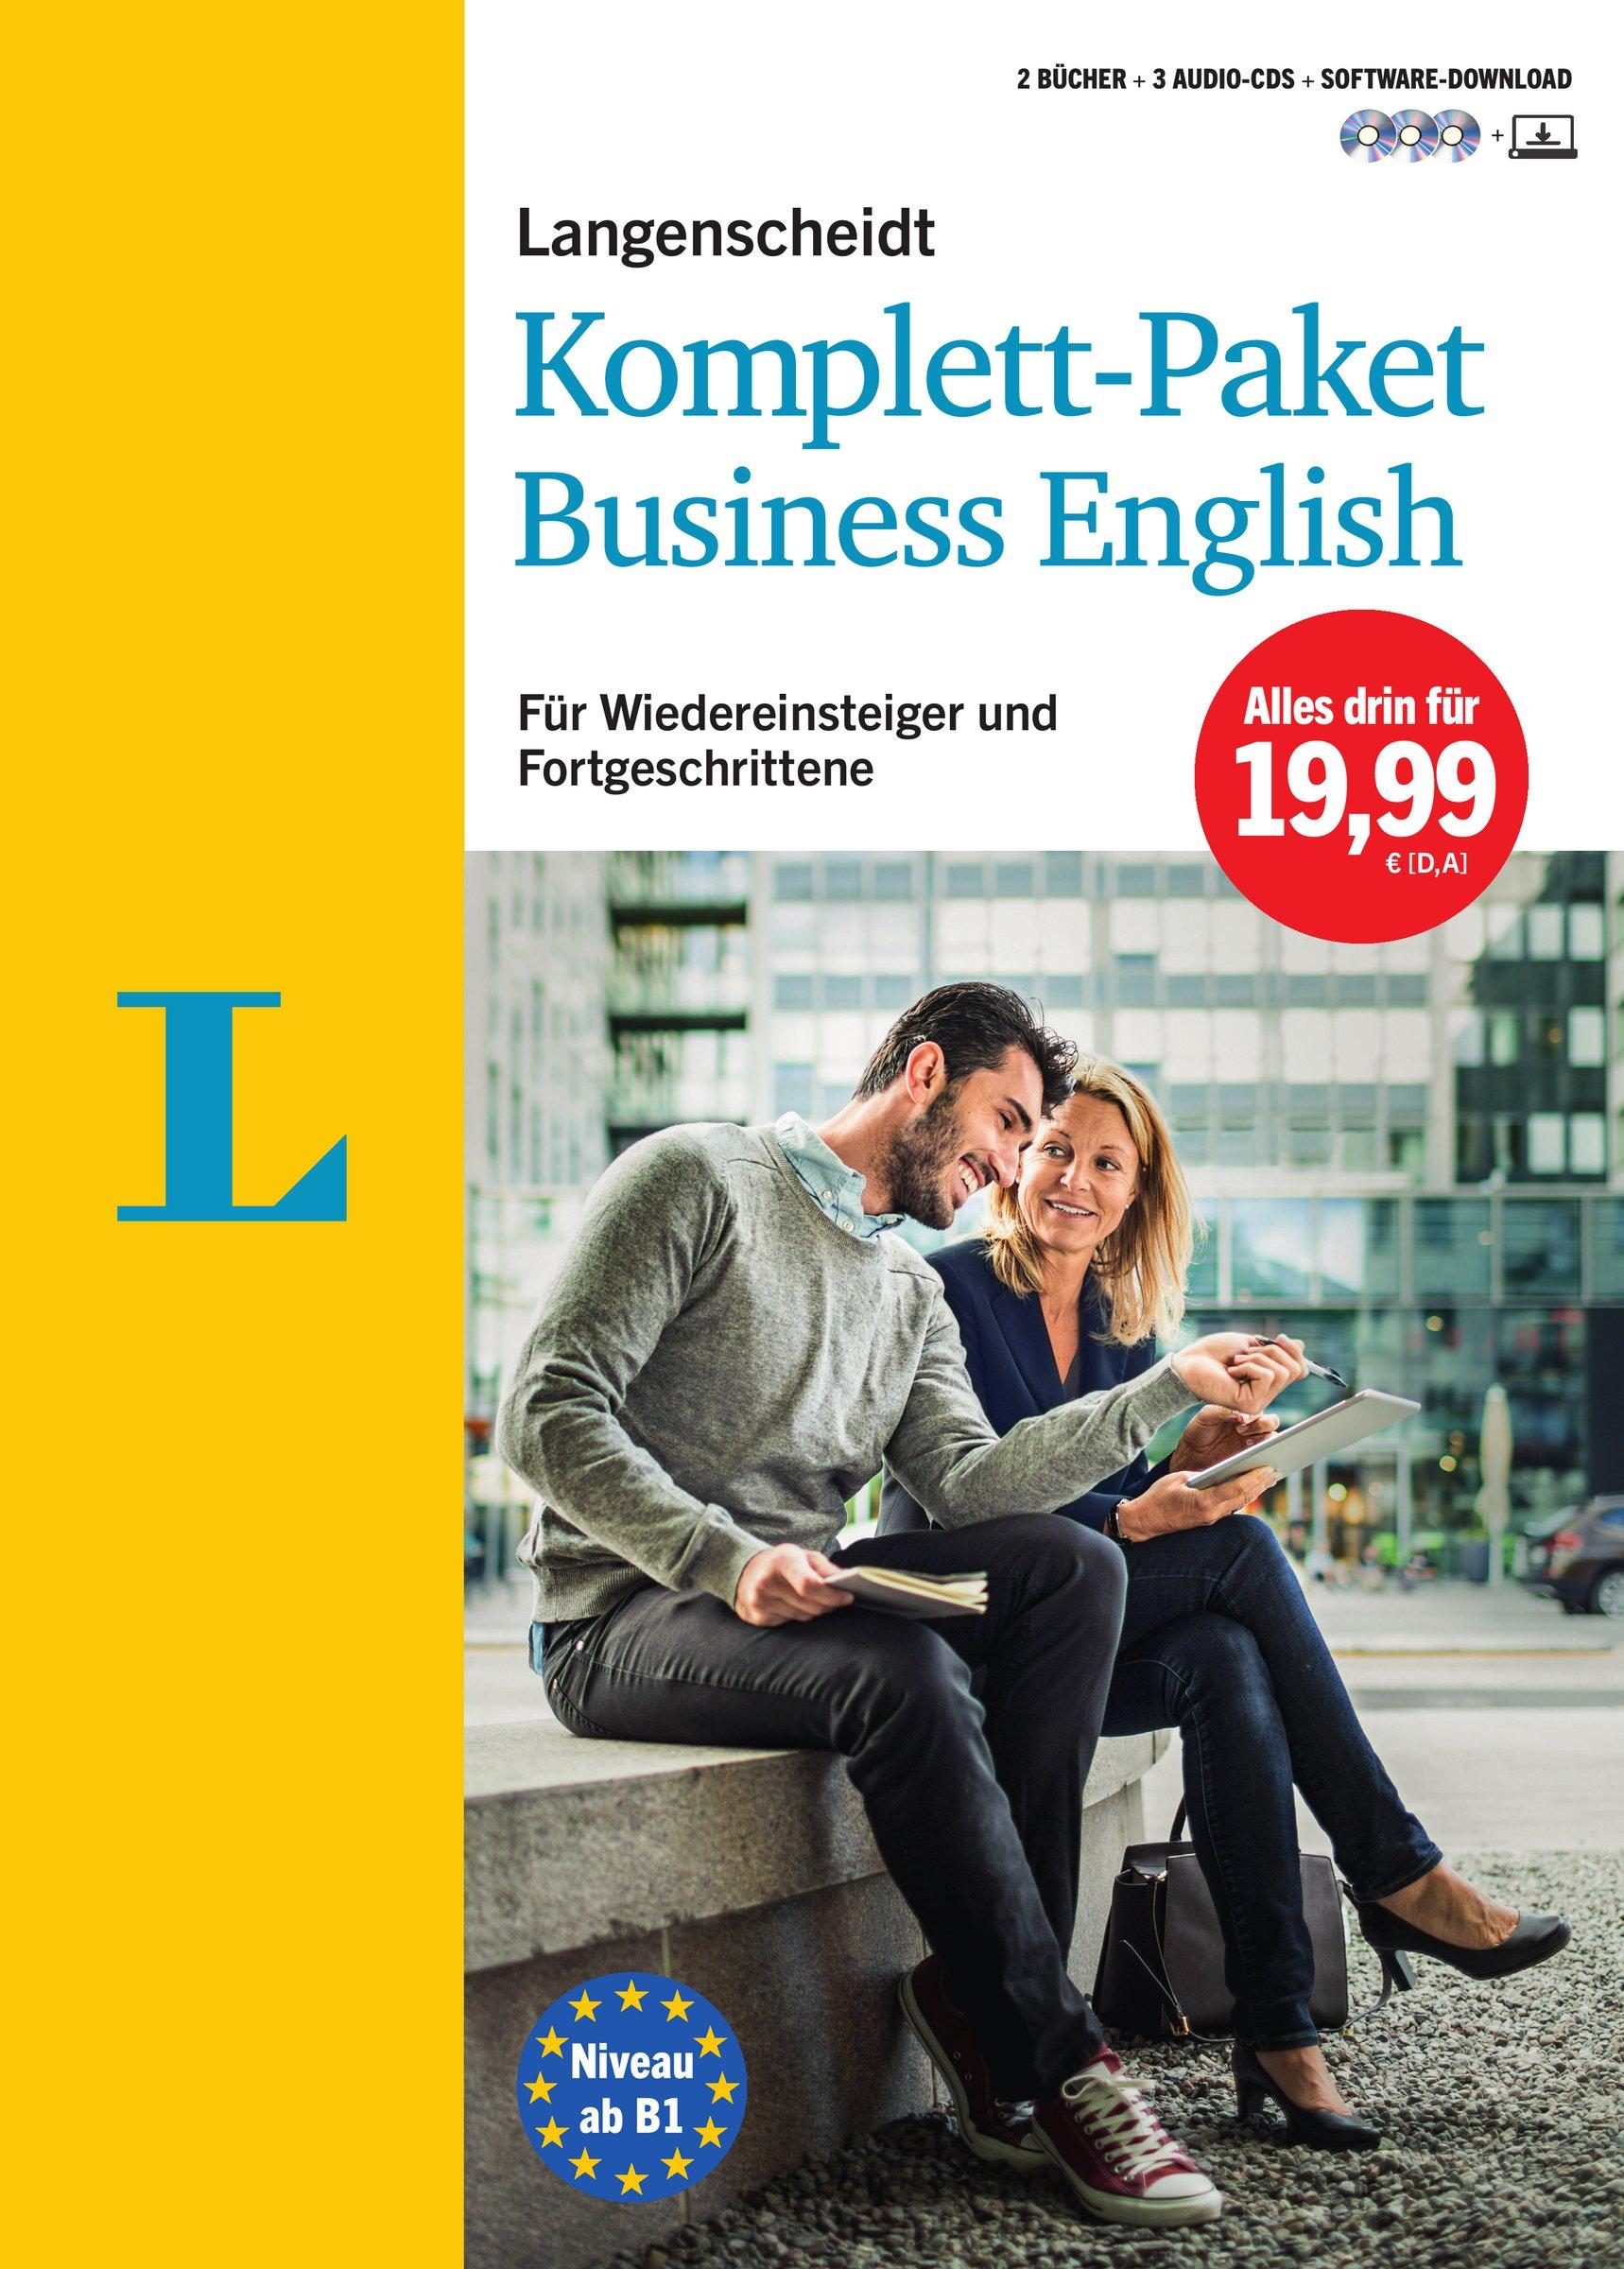 Langenscheidt Komplett Paket Business English   Sprachkurs Mit 2 Büchern 3 Audio CDs Und Software Download  Sprachkurs Für Wiedereinsteiger Und Fortgeschrittene